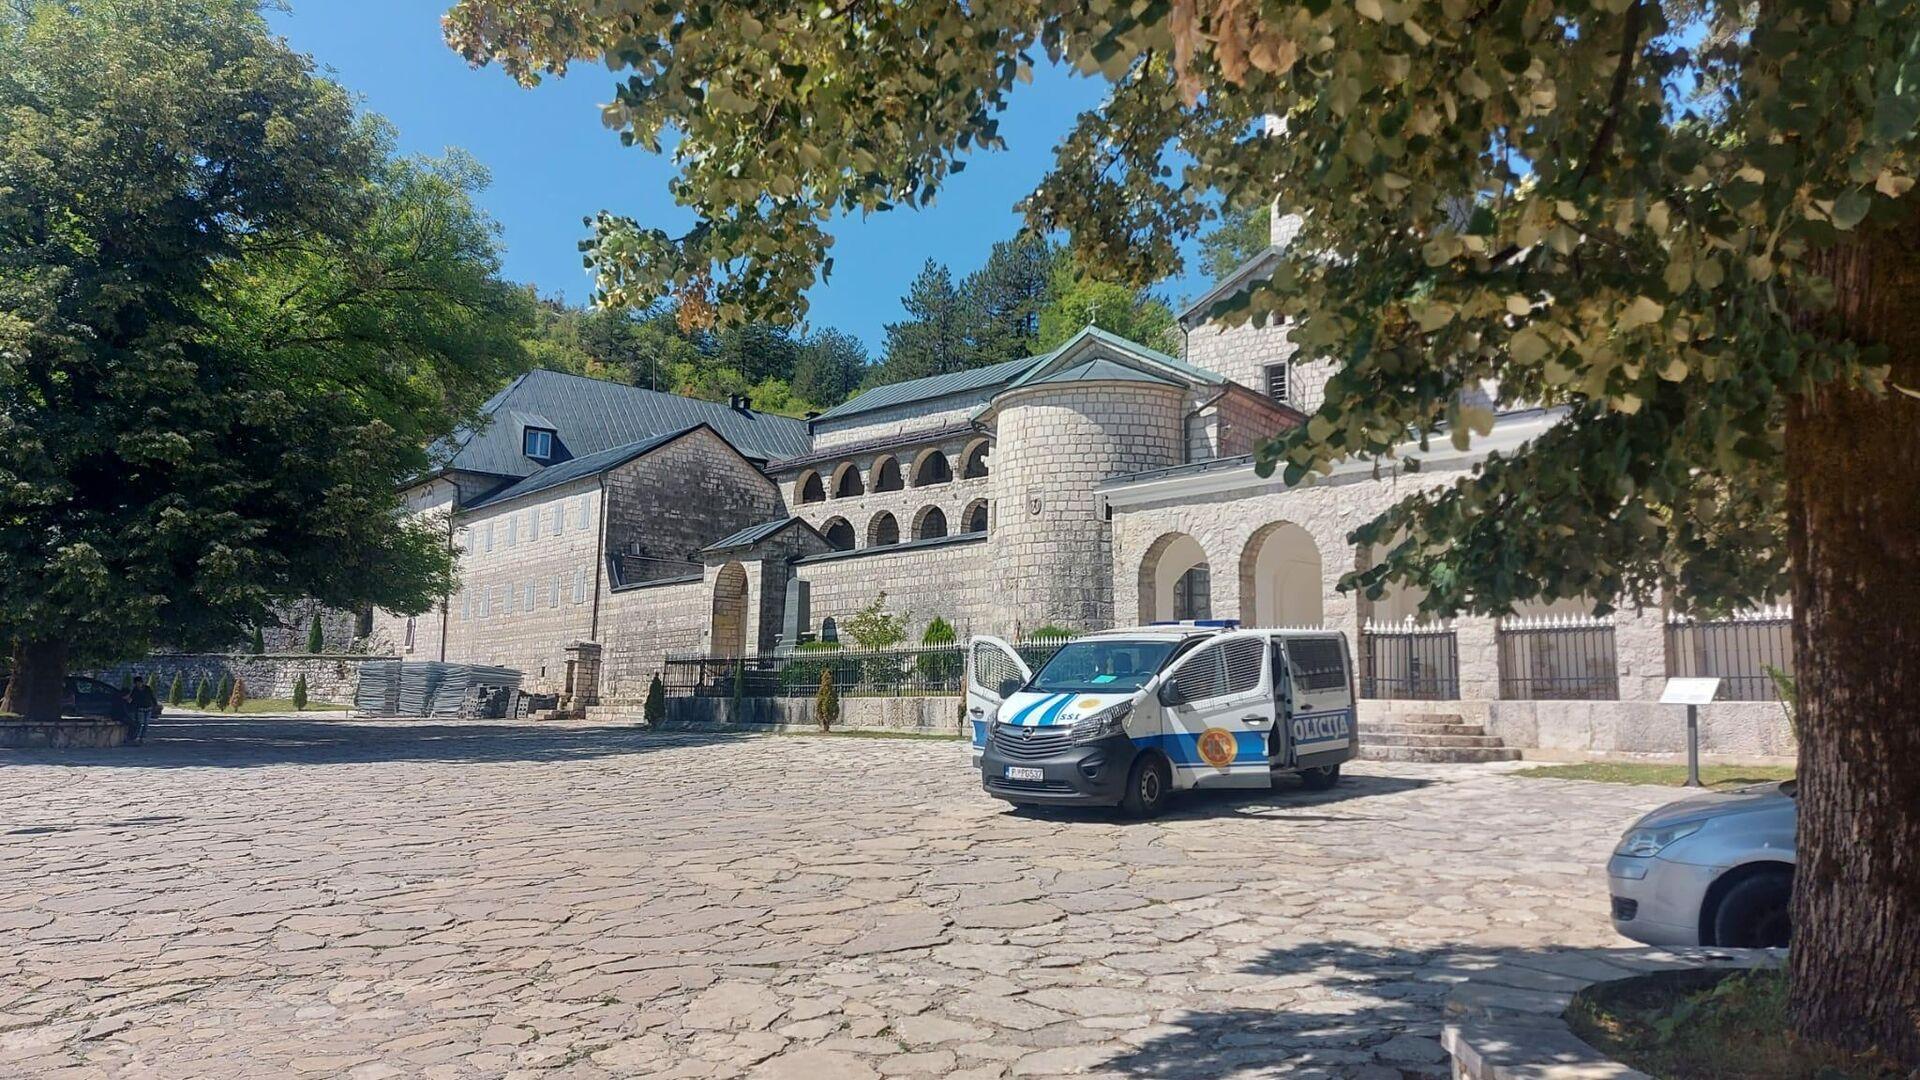 Возило црногорске полиције испред манастира Св. Петра Цетињског на Цетињу - Sputnik Србија, 1920, 17.09.2021